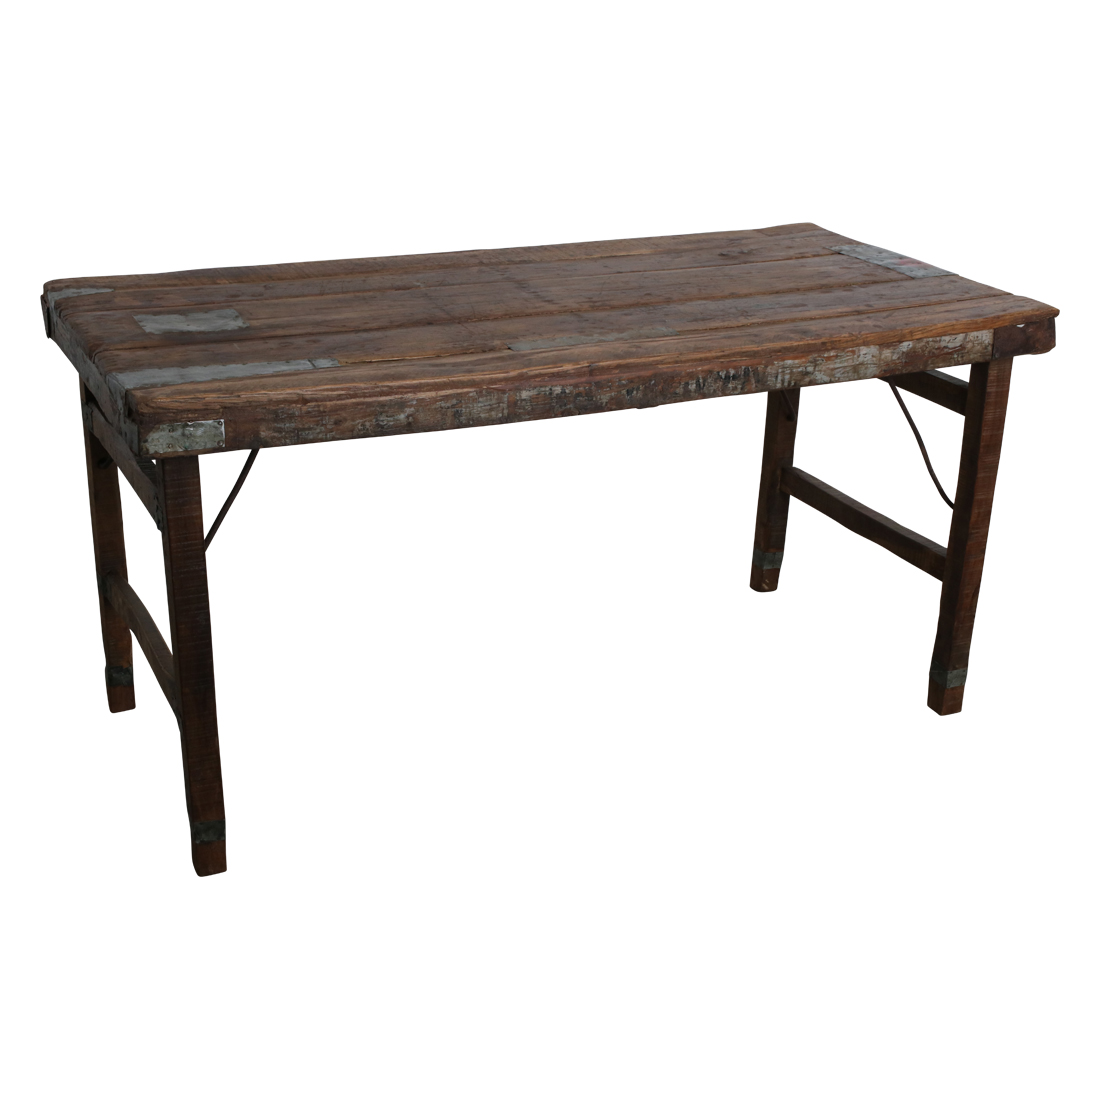 Vintage Tisch Aus Holz Klappbar Shabby-Chic Brown Rough